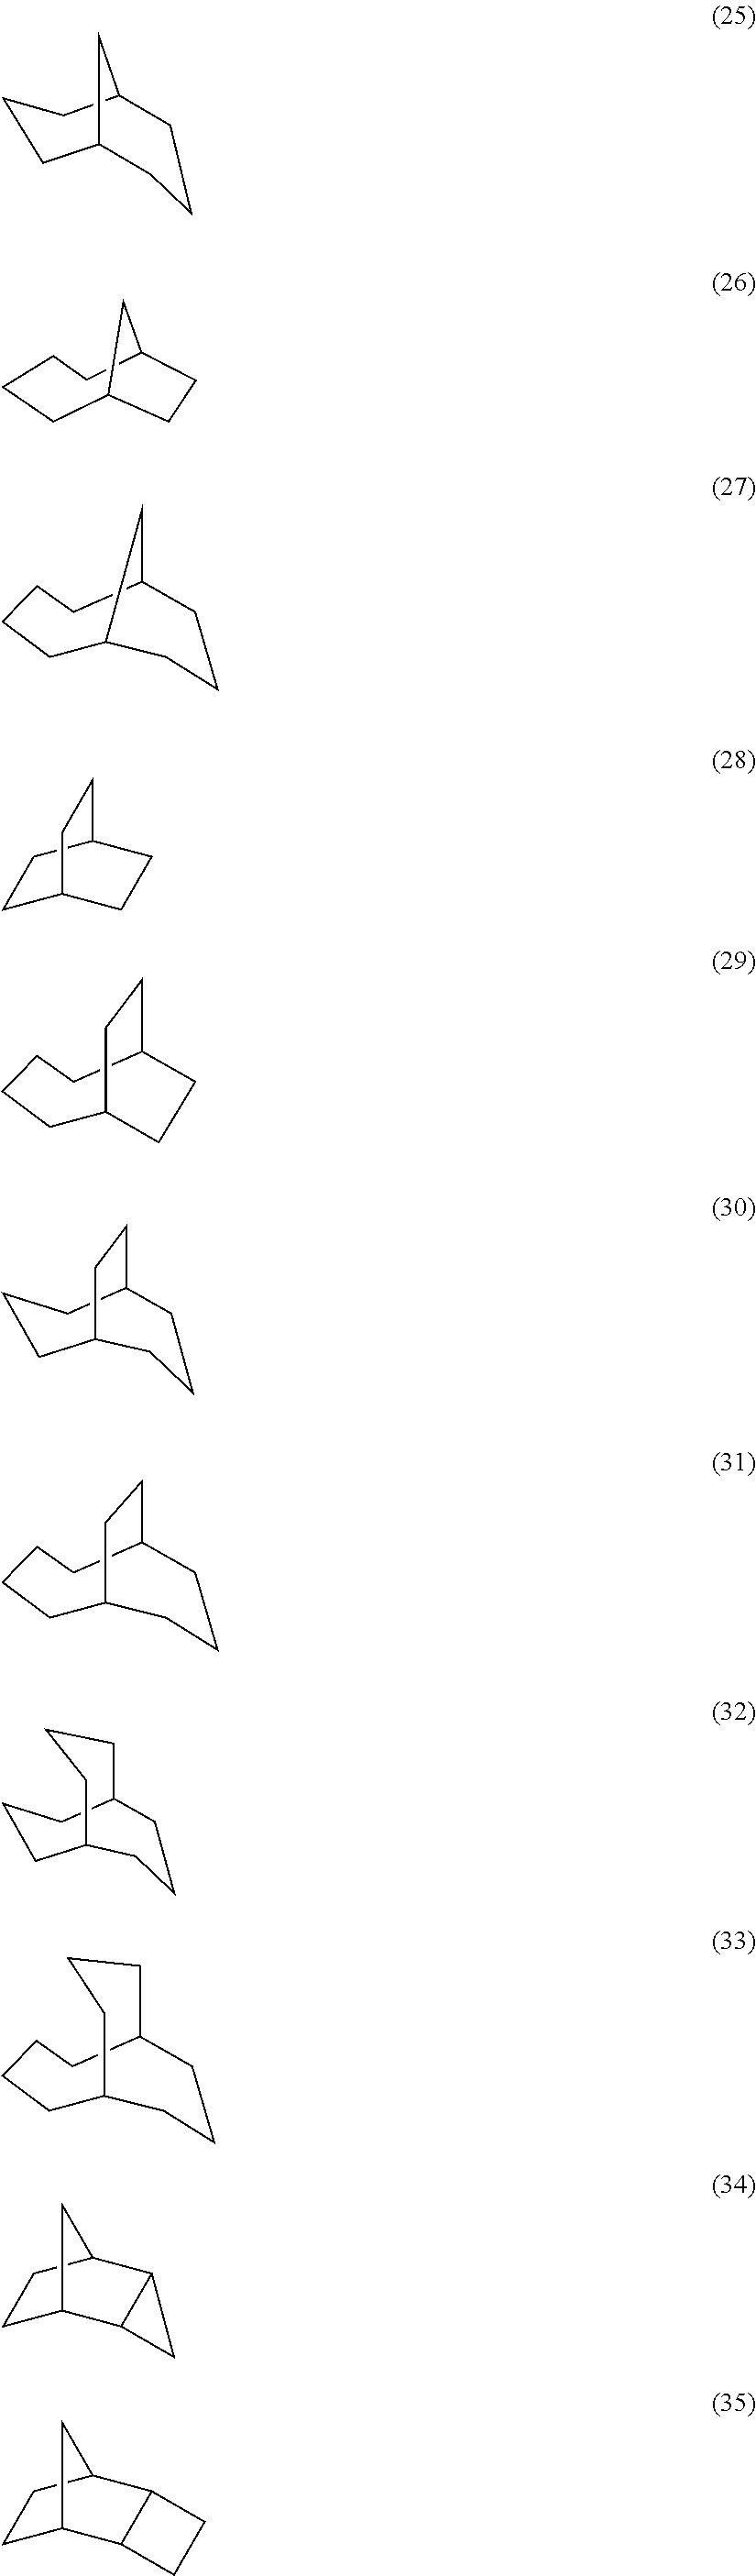 Figure US20110183258A1-20110728-C00071